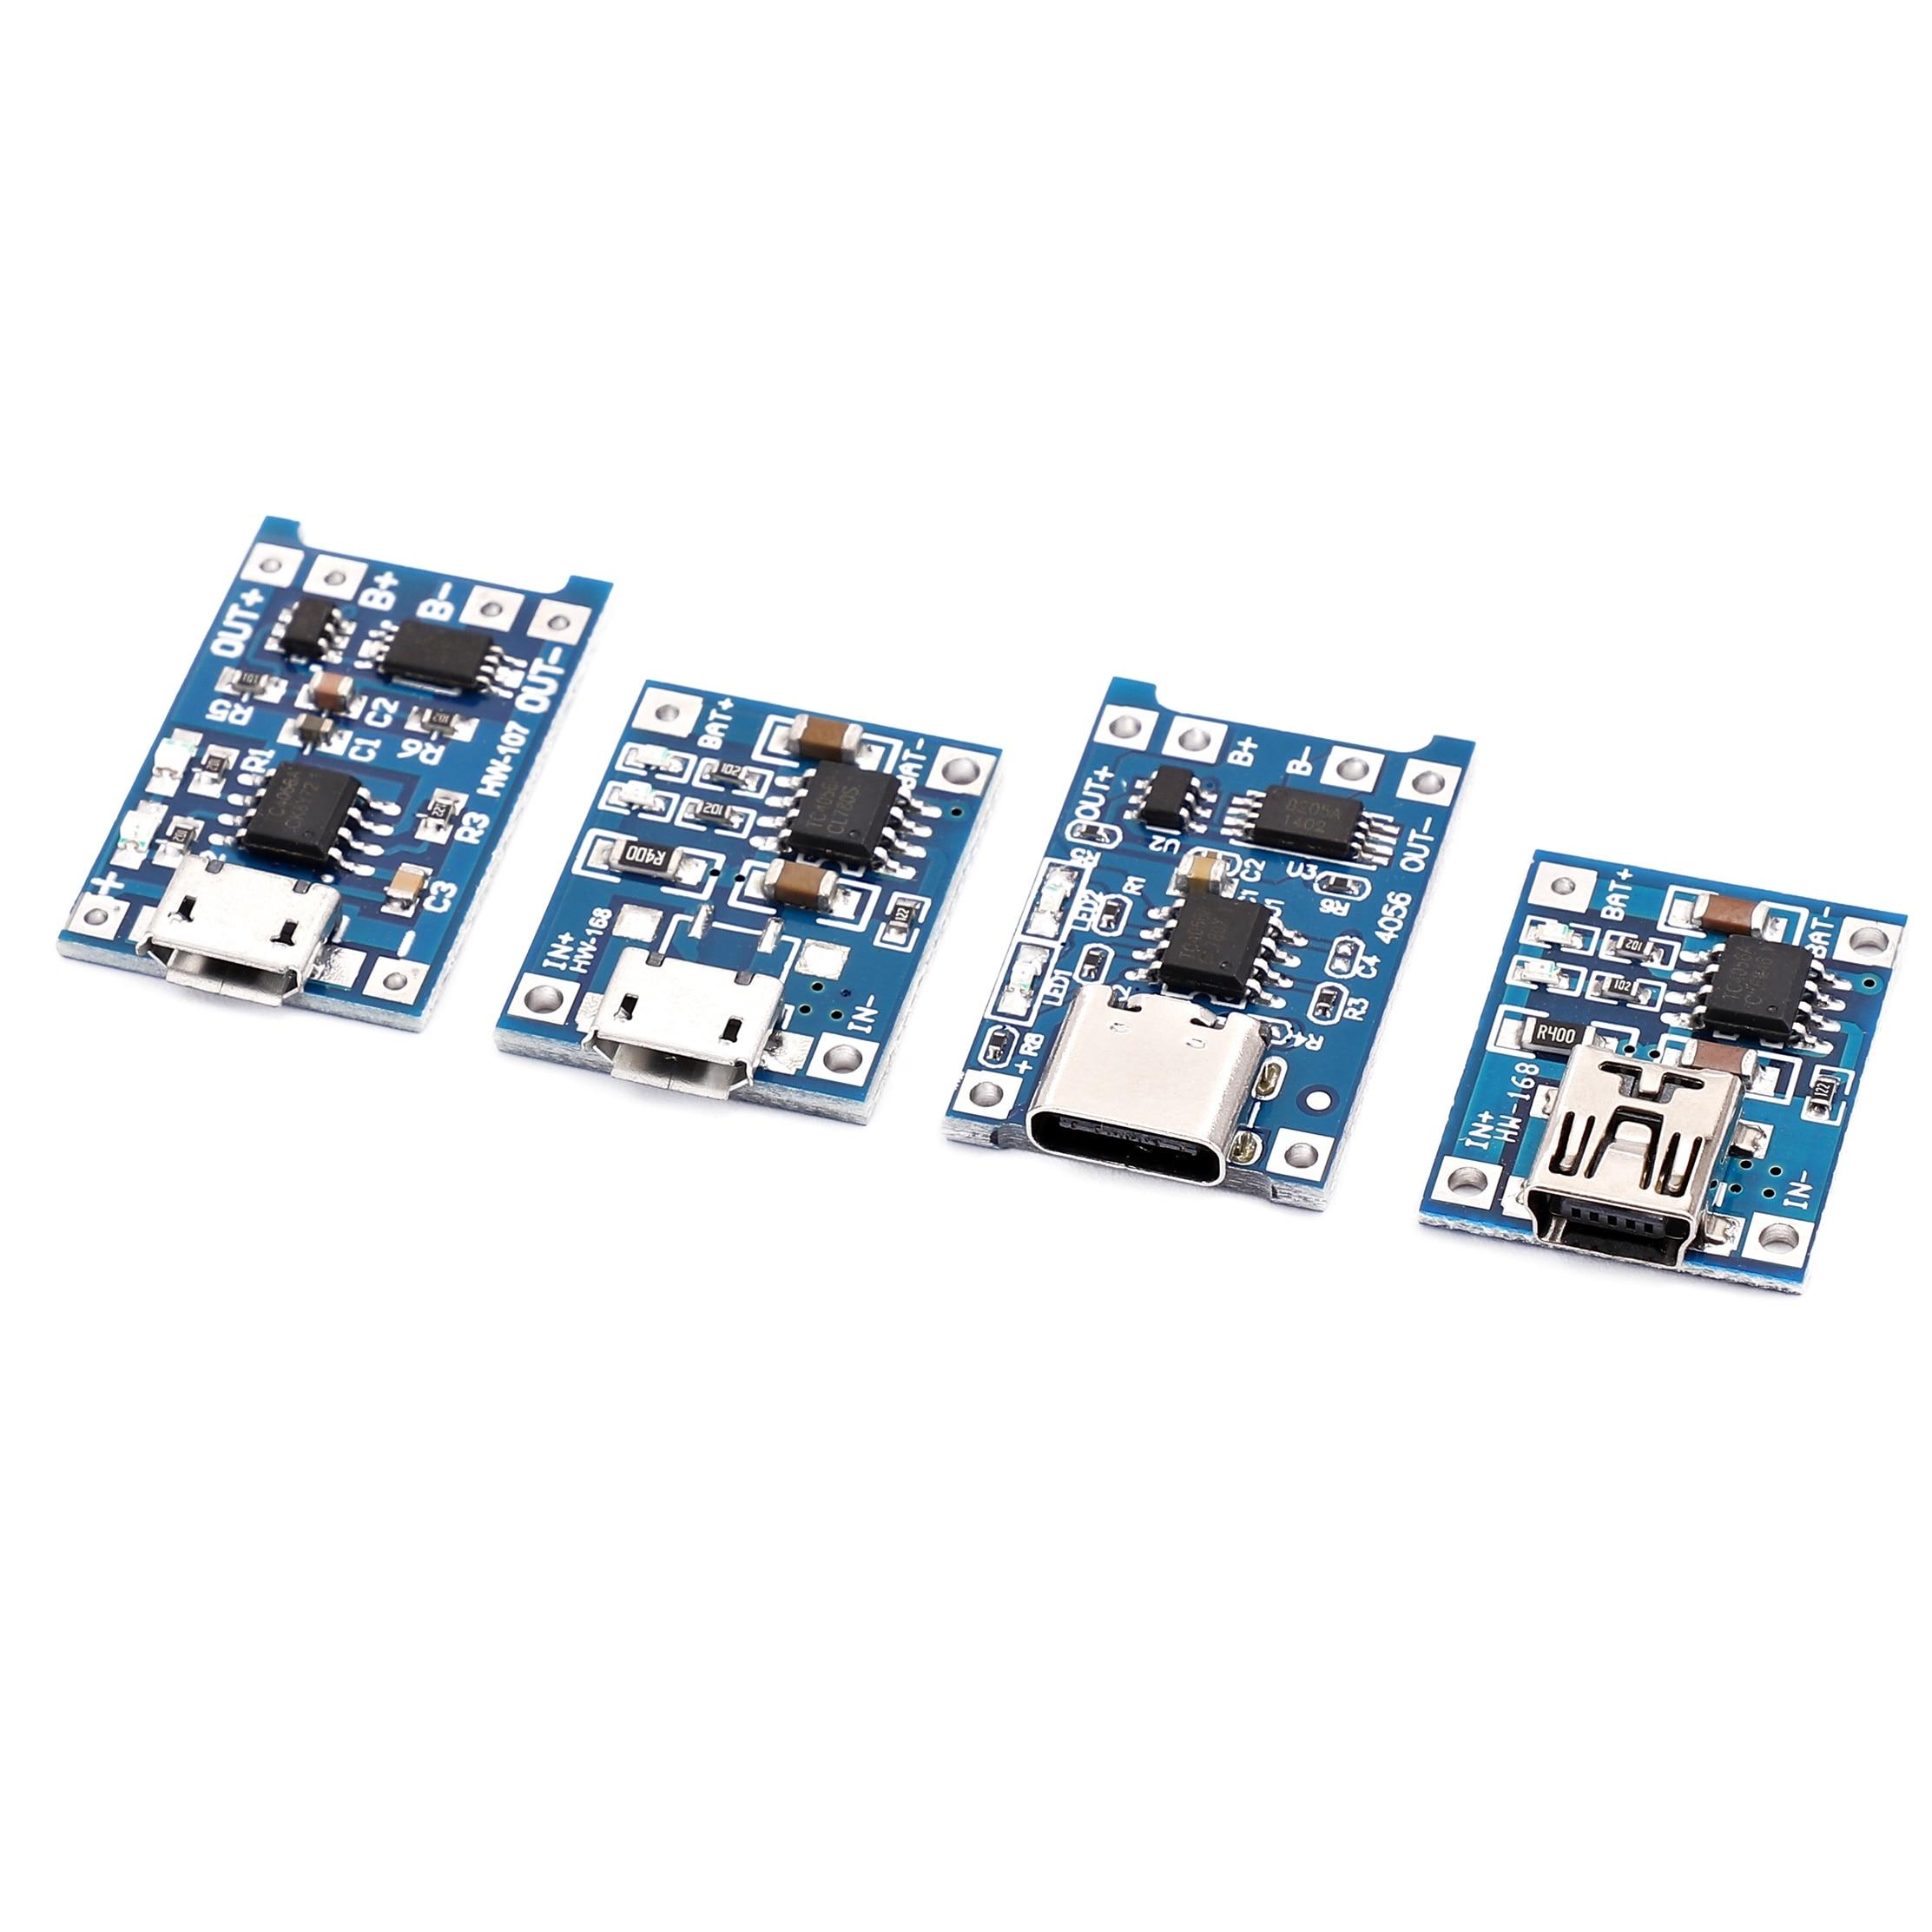 Зарядная плата TP4056 18650, 5 В, 1 А, Micro USB 18650, type-c, литиевая батарея, модуль зарядного устройства + Двойная функция защиты